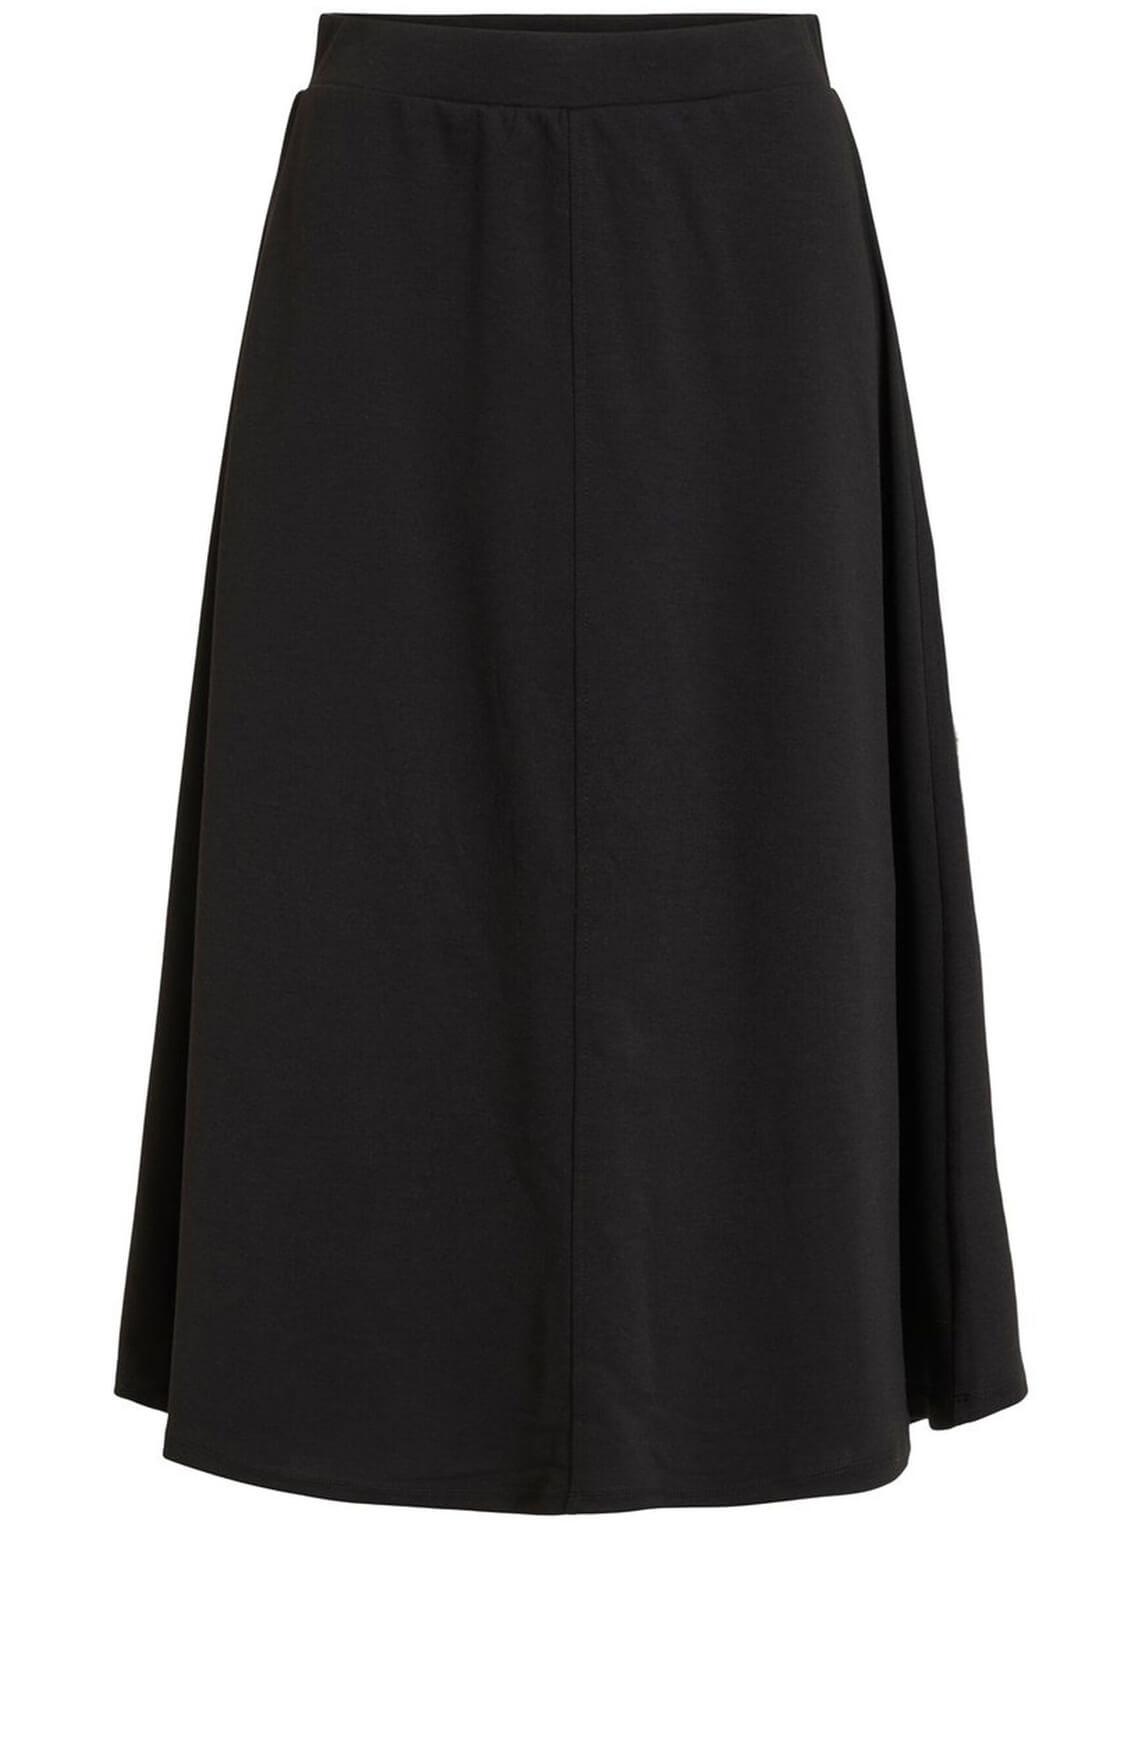 Object Dames A-lijn rok zwart